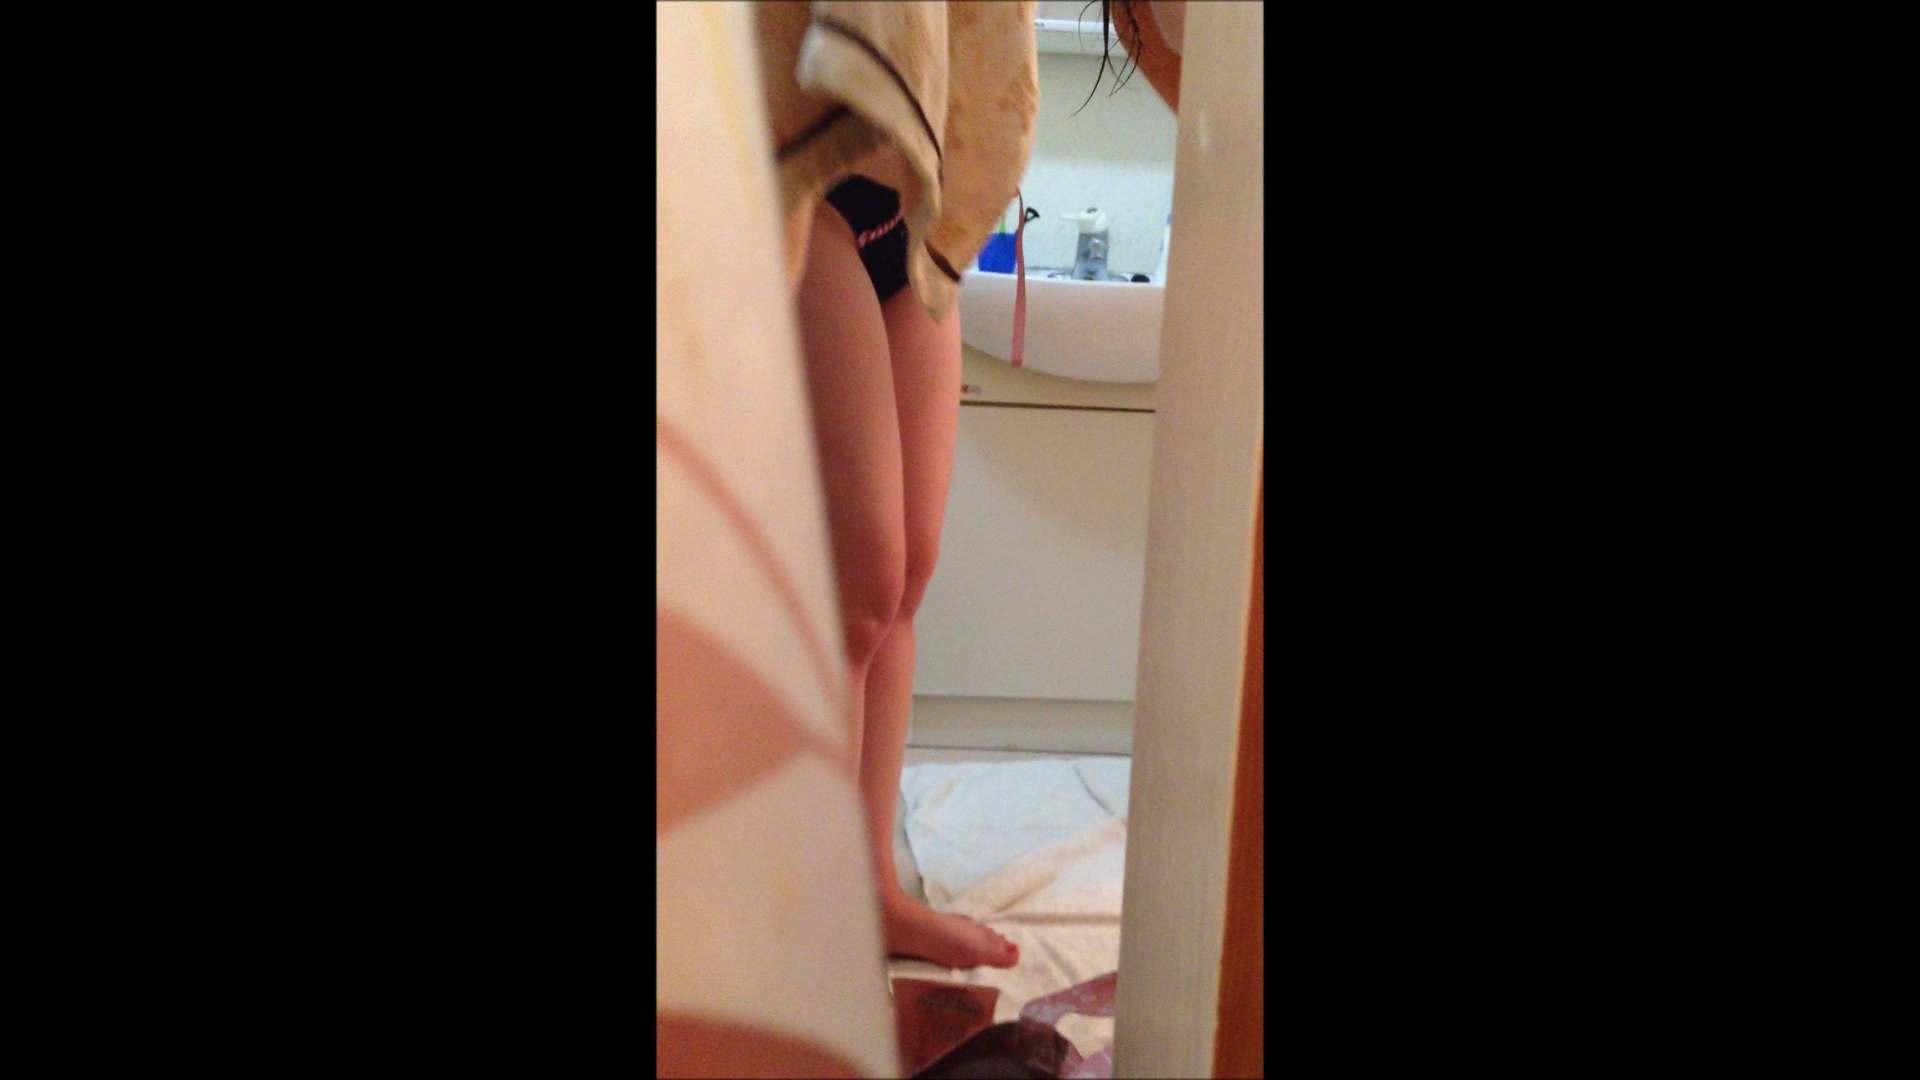 ハメ撮り 09(9日目)彼女も風呂を撮られるのに慣れてきたような・・・ 大奥